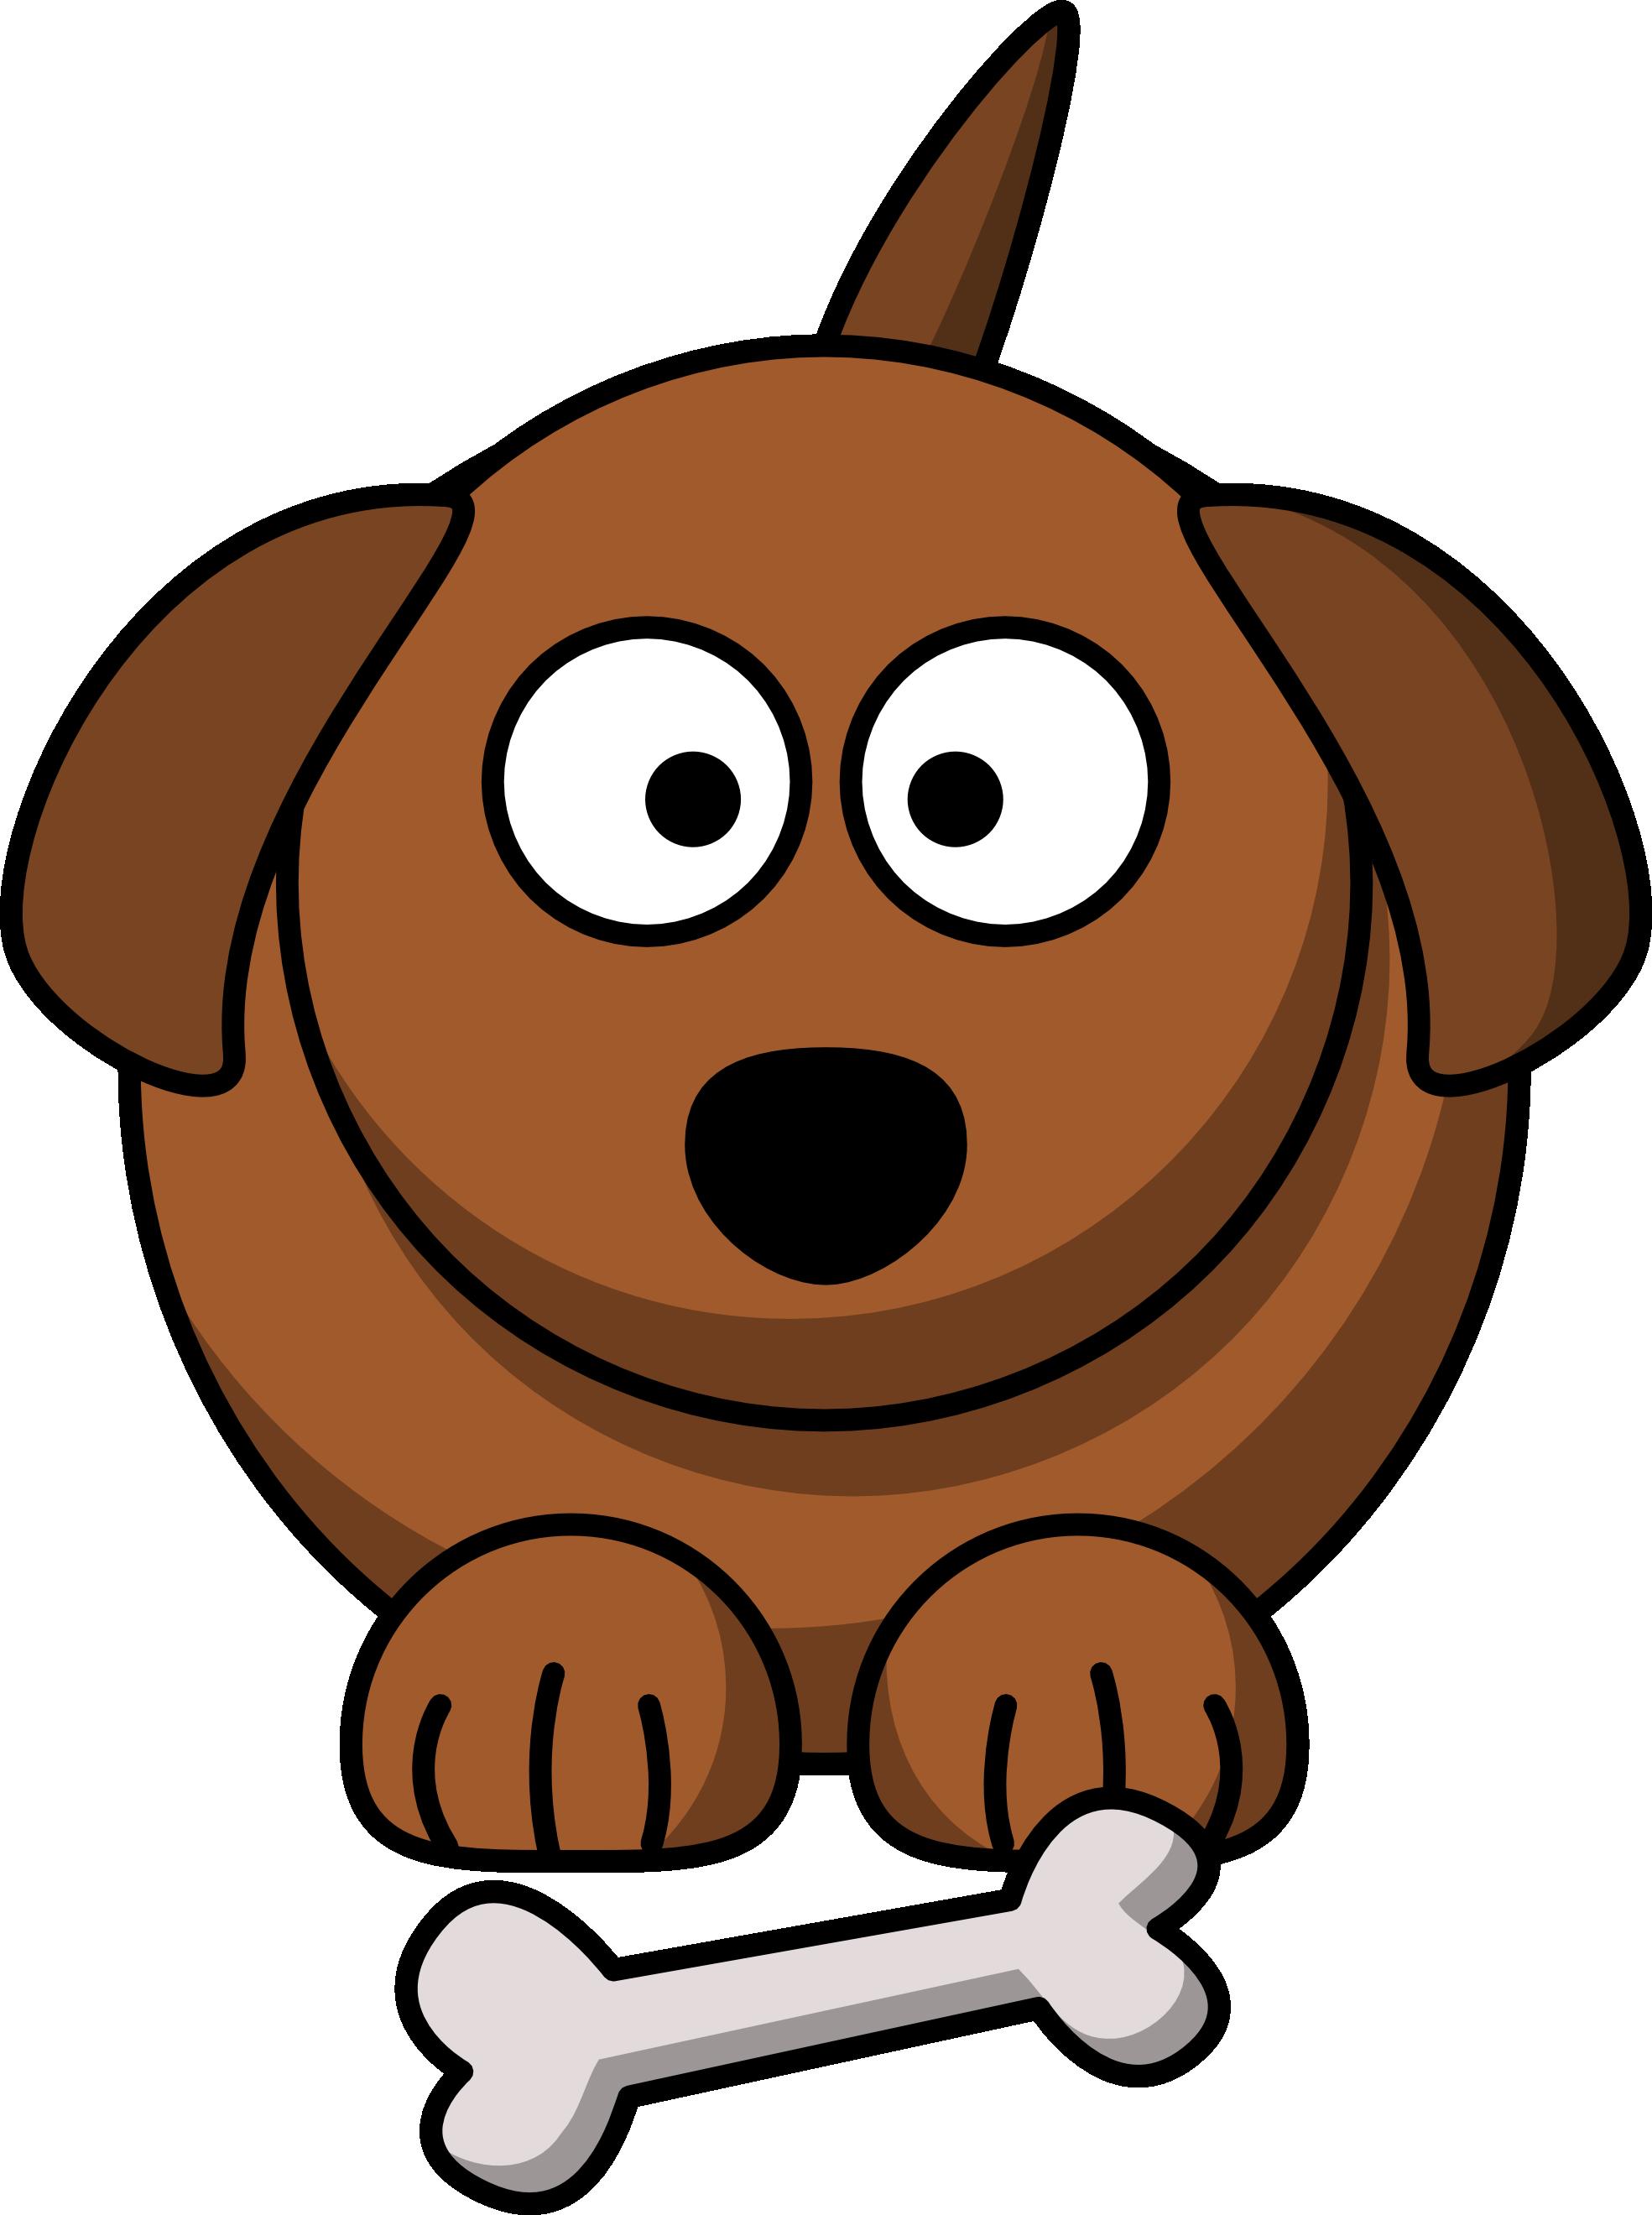 Cute Animals Clipart - clipartall ...